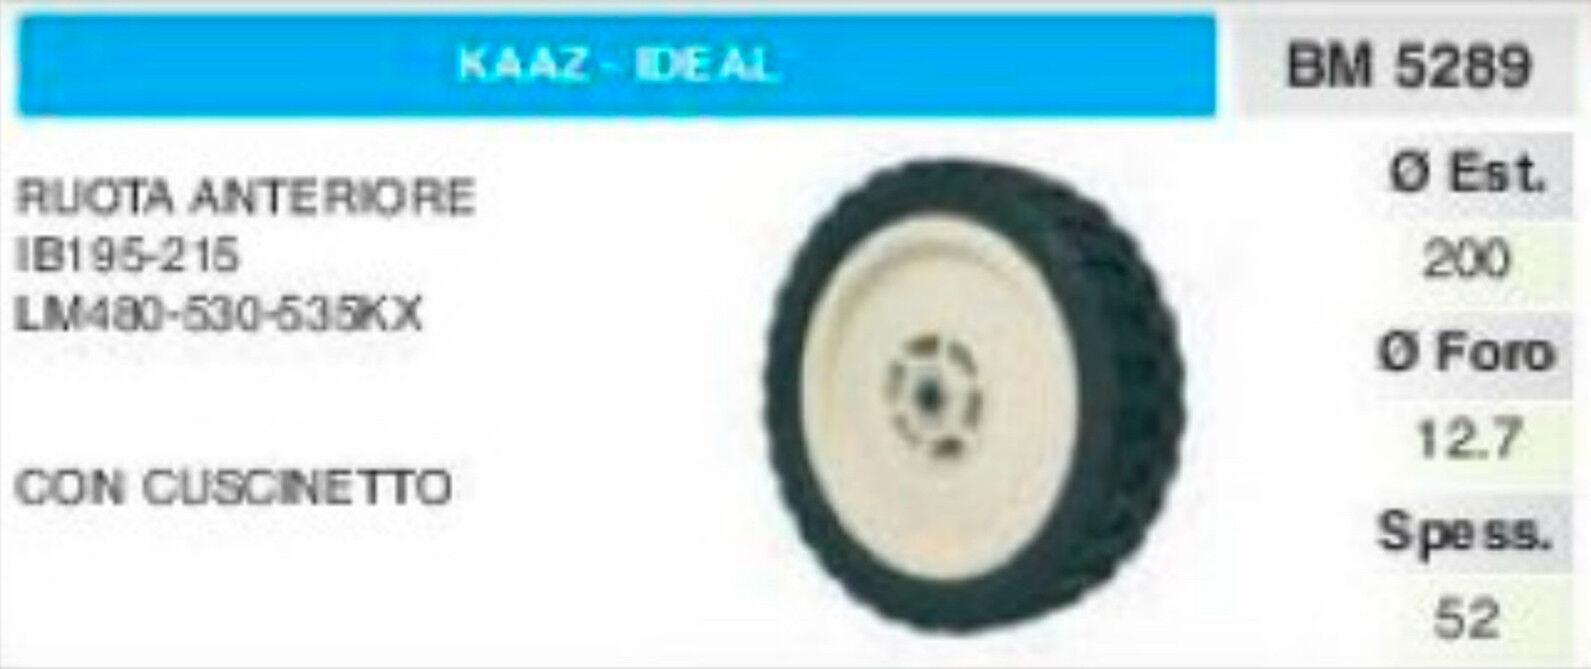 Roue Antérieure Tondeuse à Gazon Kaaz Ideal Ib 195 21lm 480 530 535 Coussinet